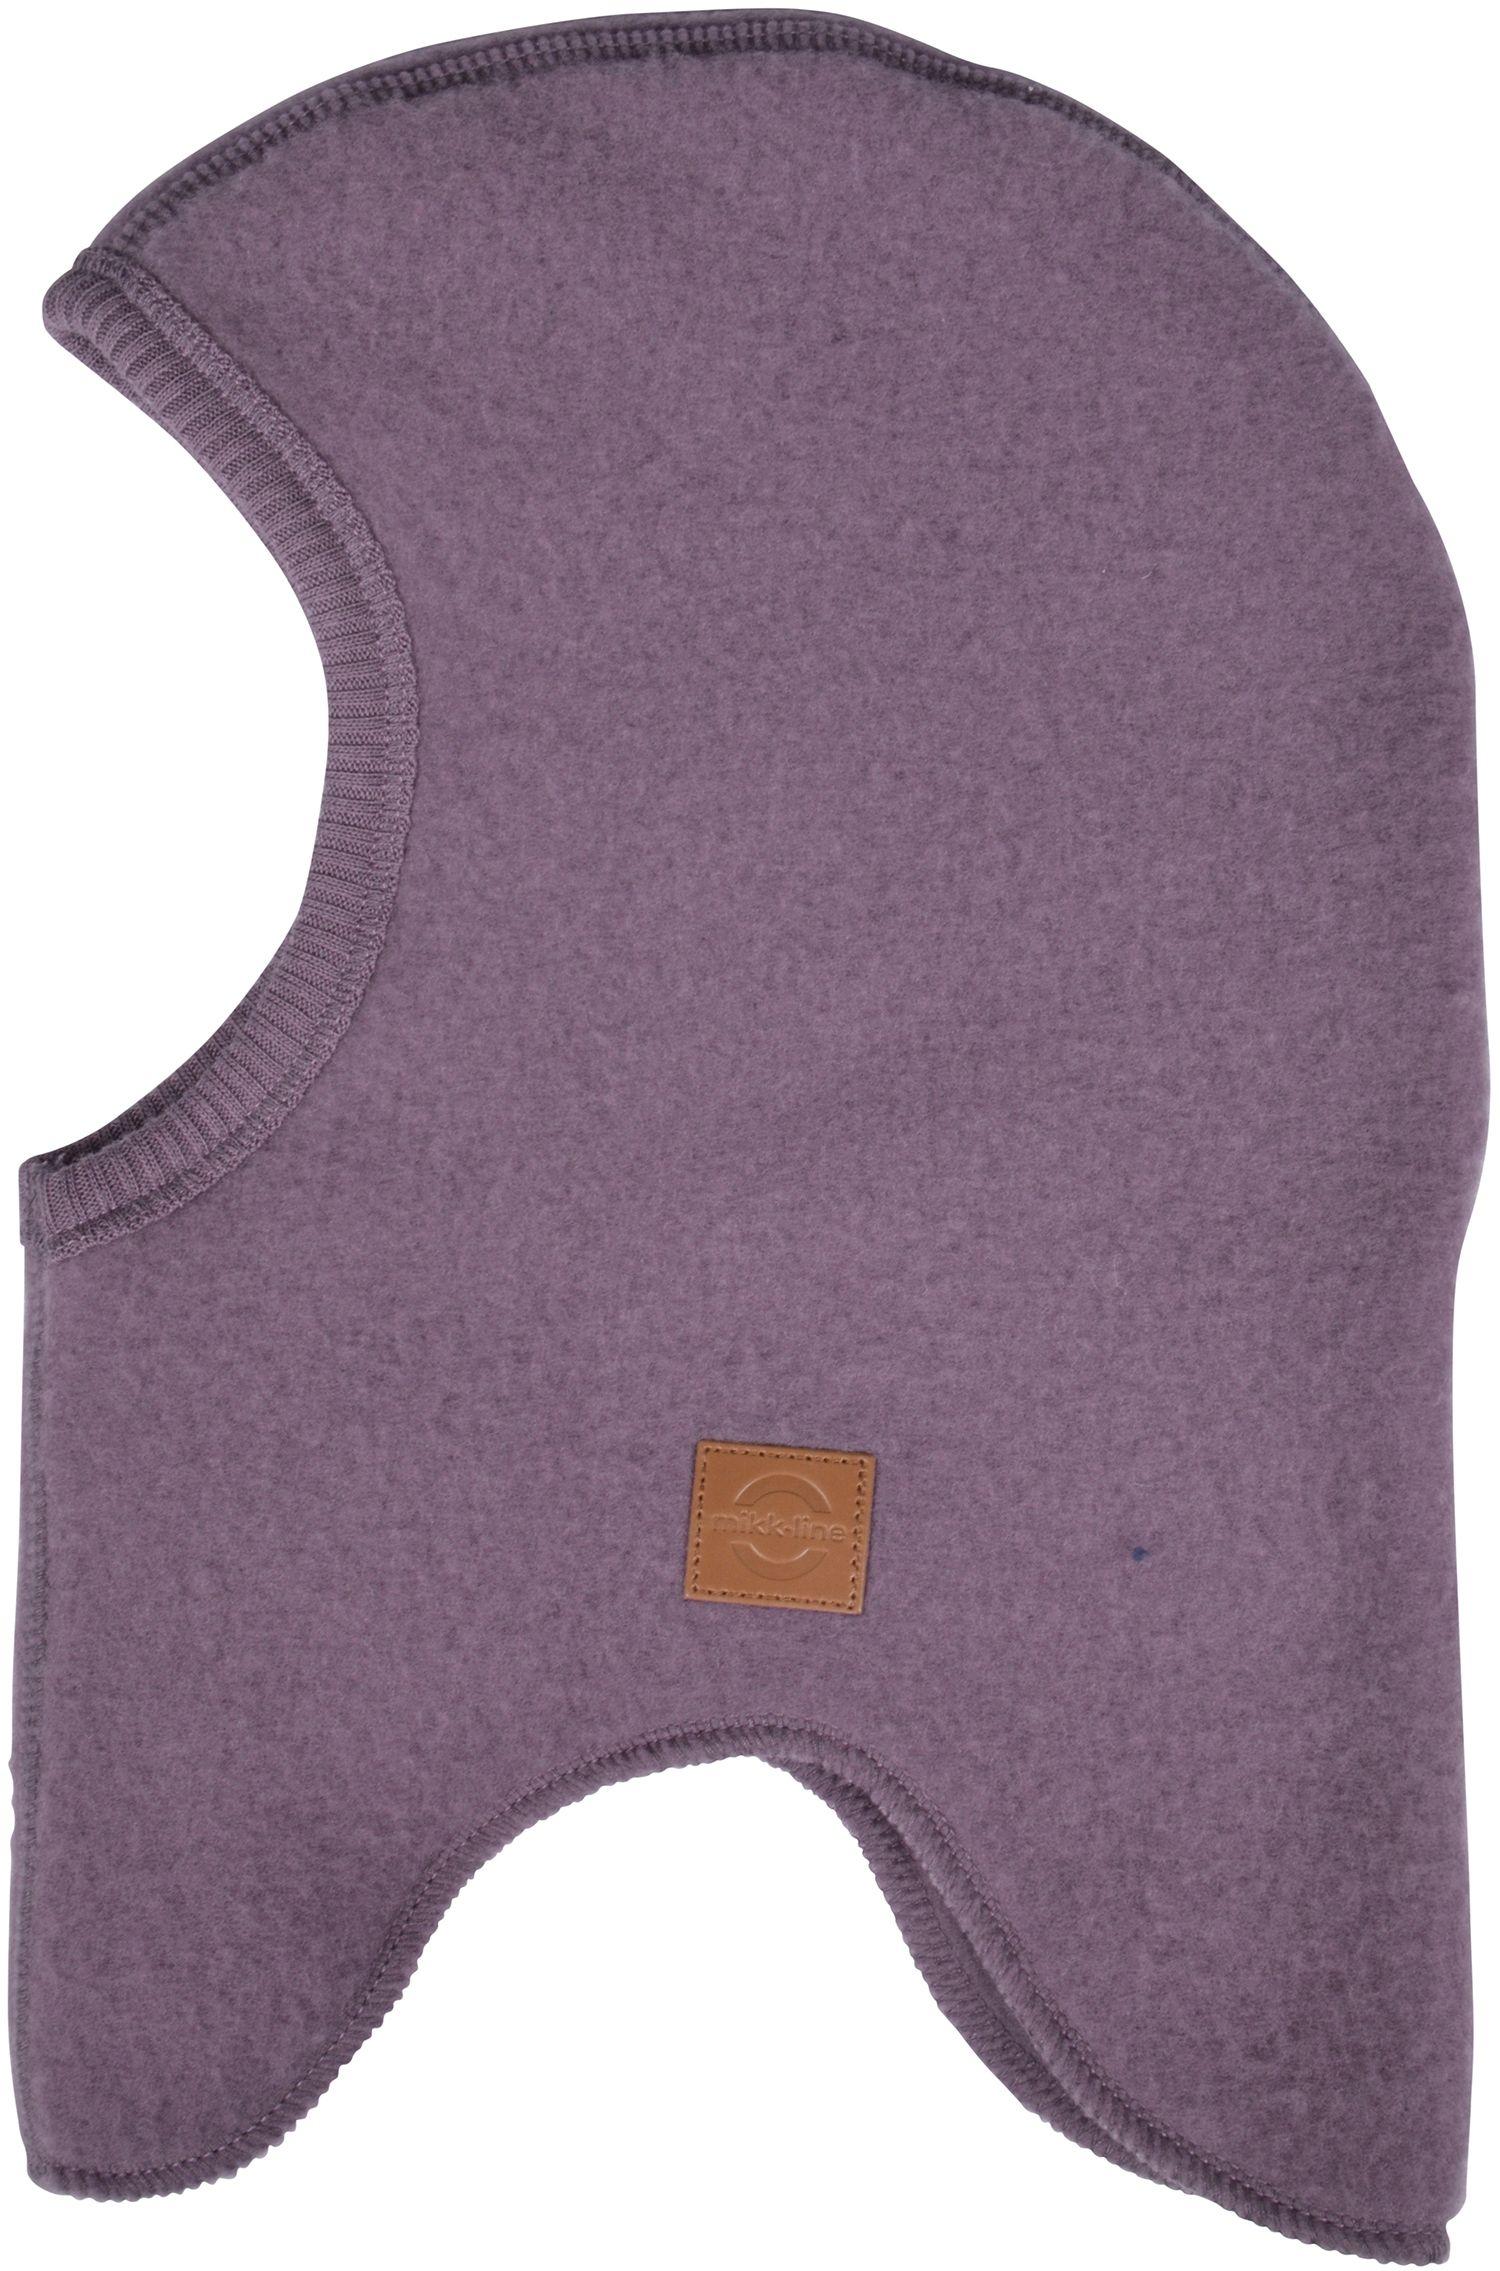 Elefanthue fra Mikk-Line - Soft Wool - Støvet blomme